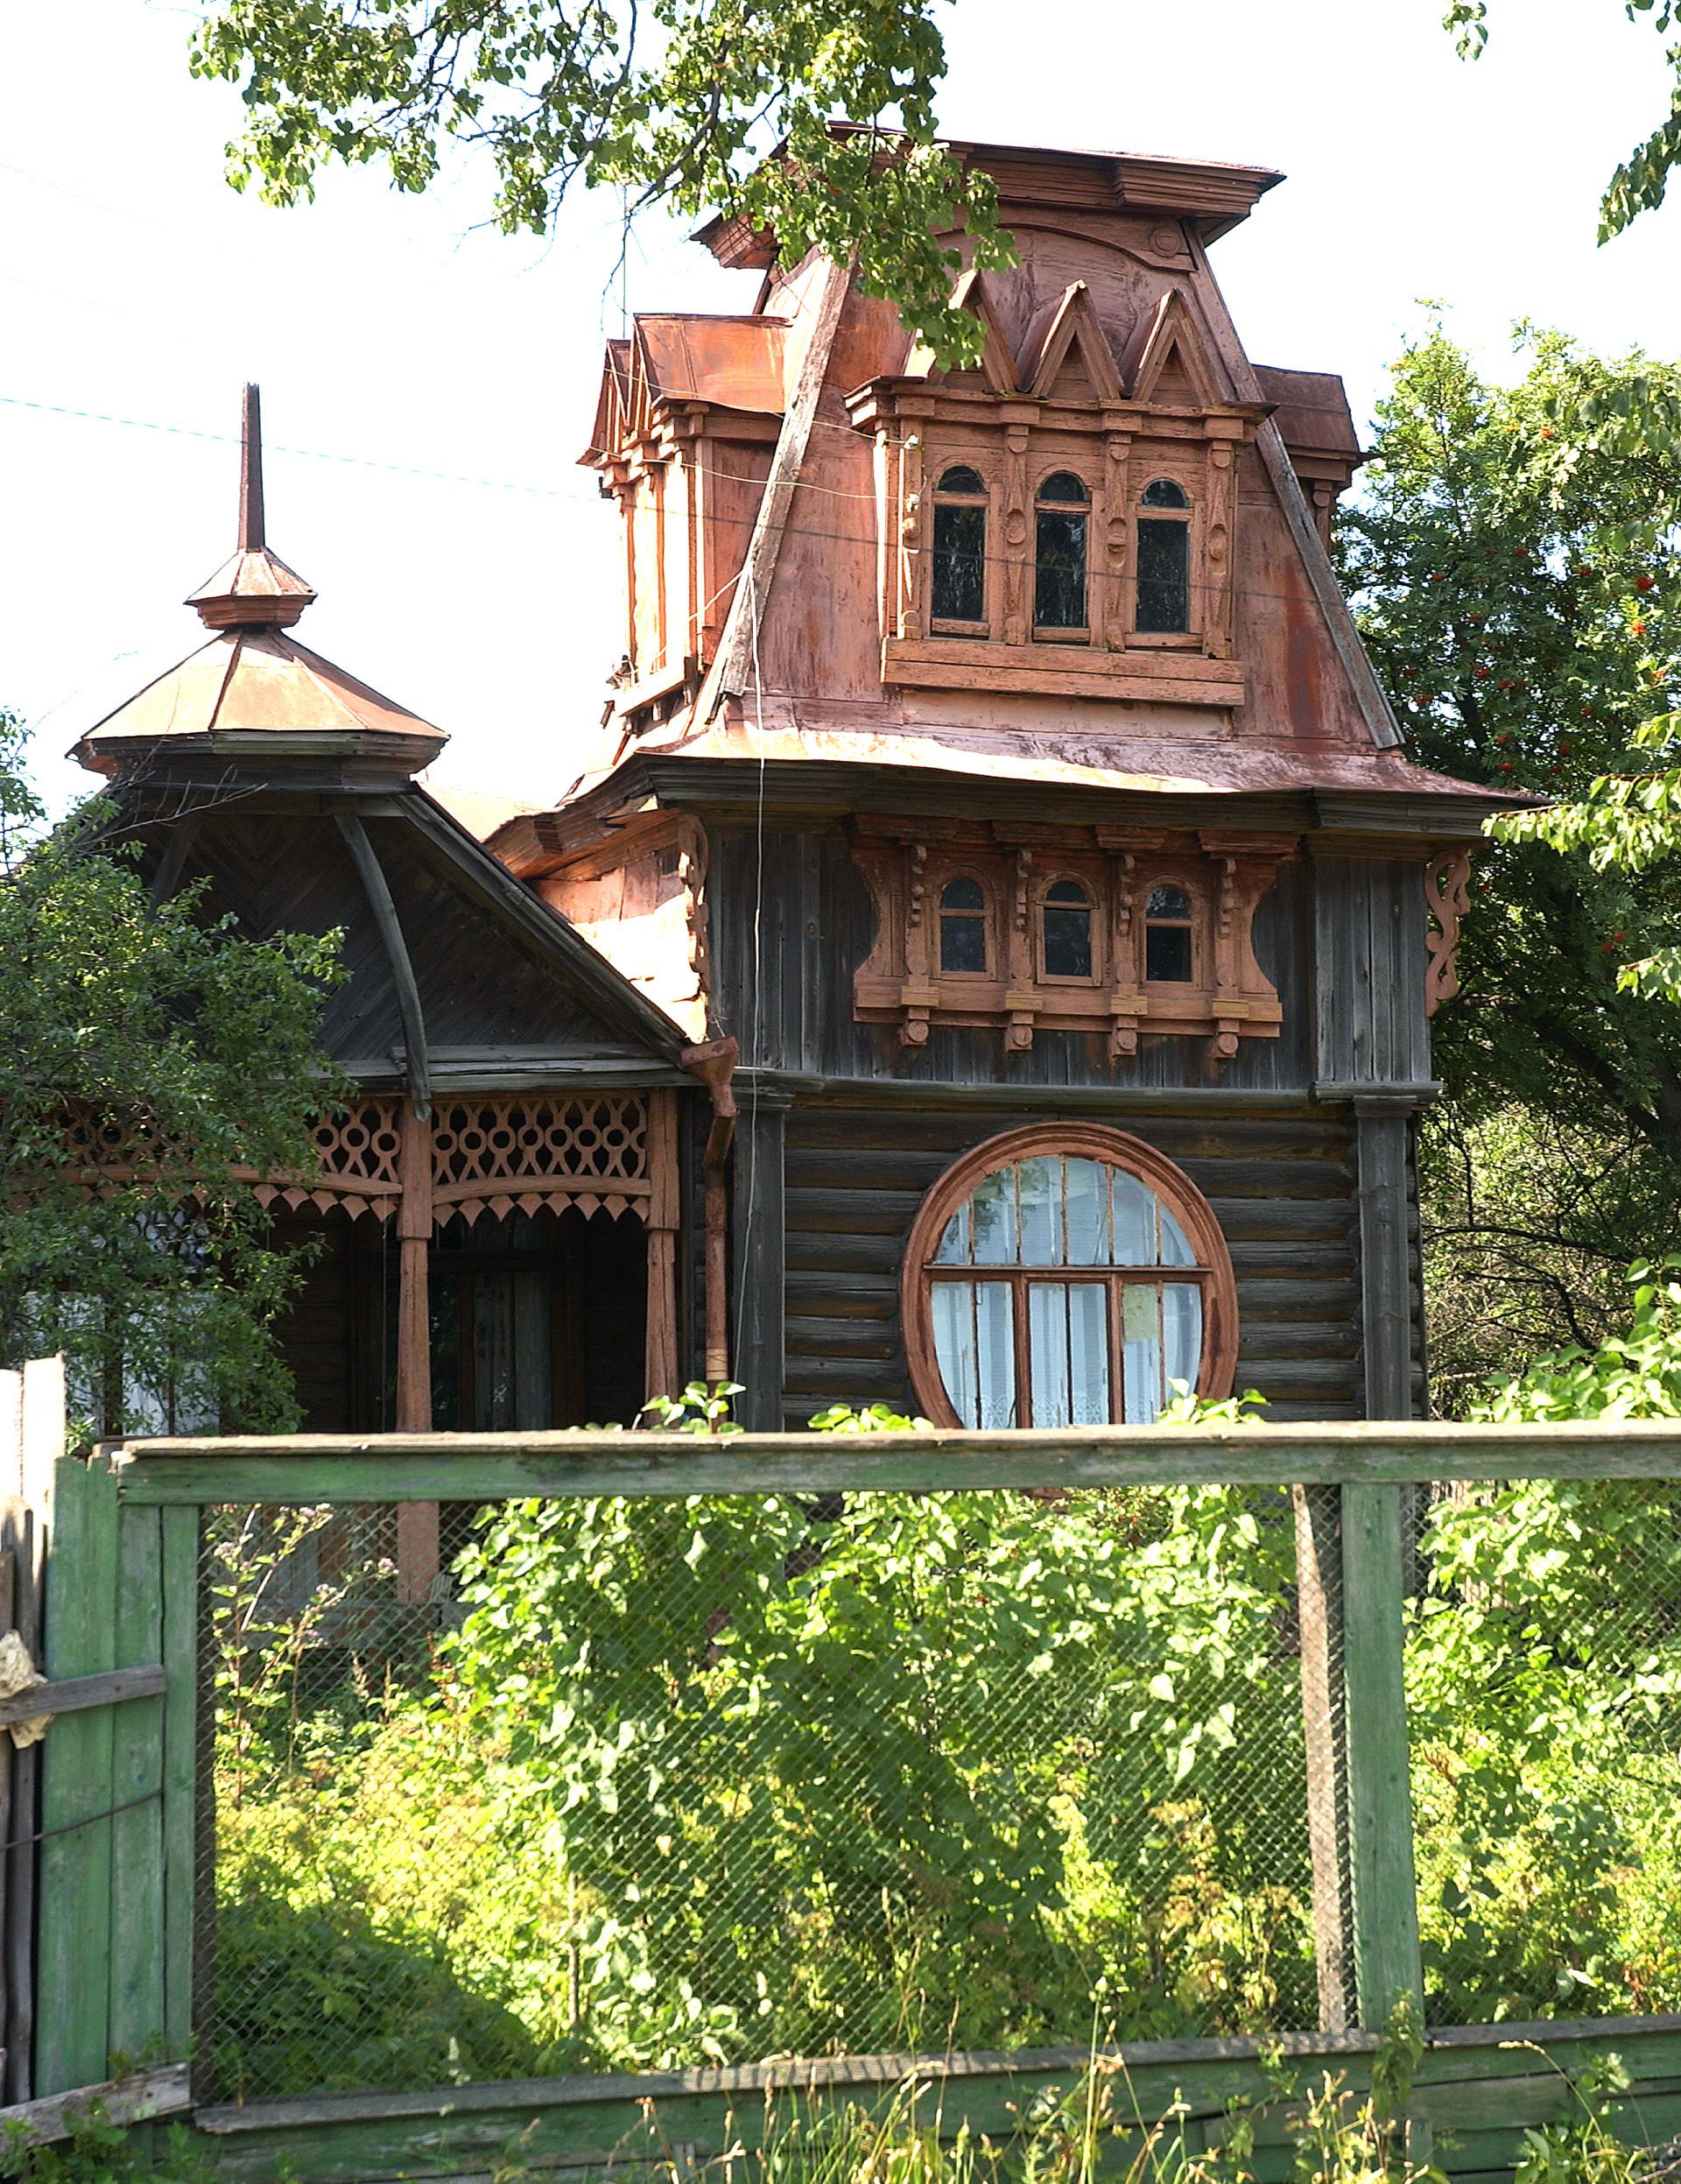 Jugendstil aus Holz - eine seltene Architekturform